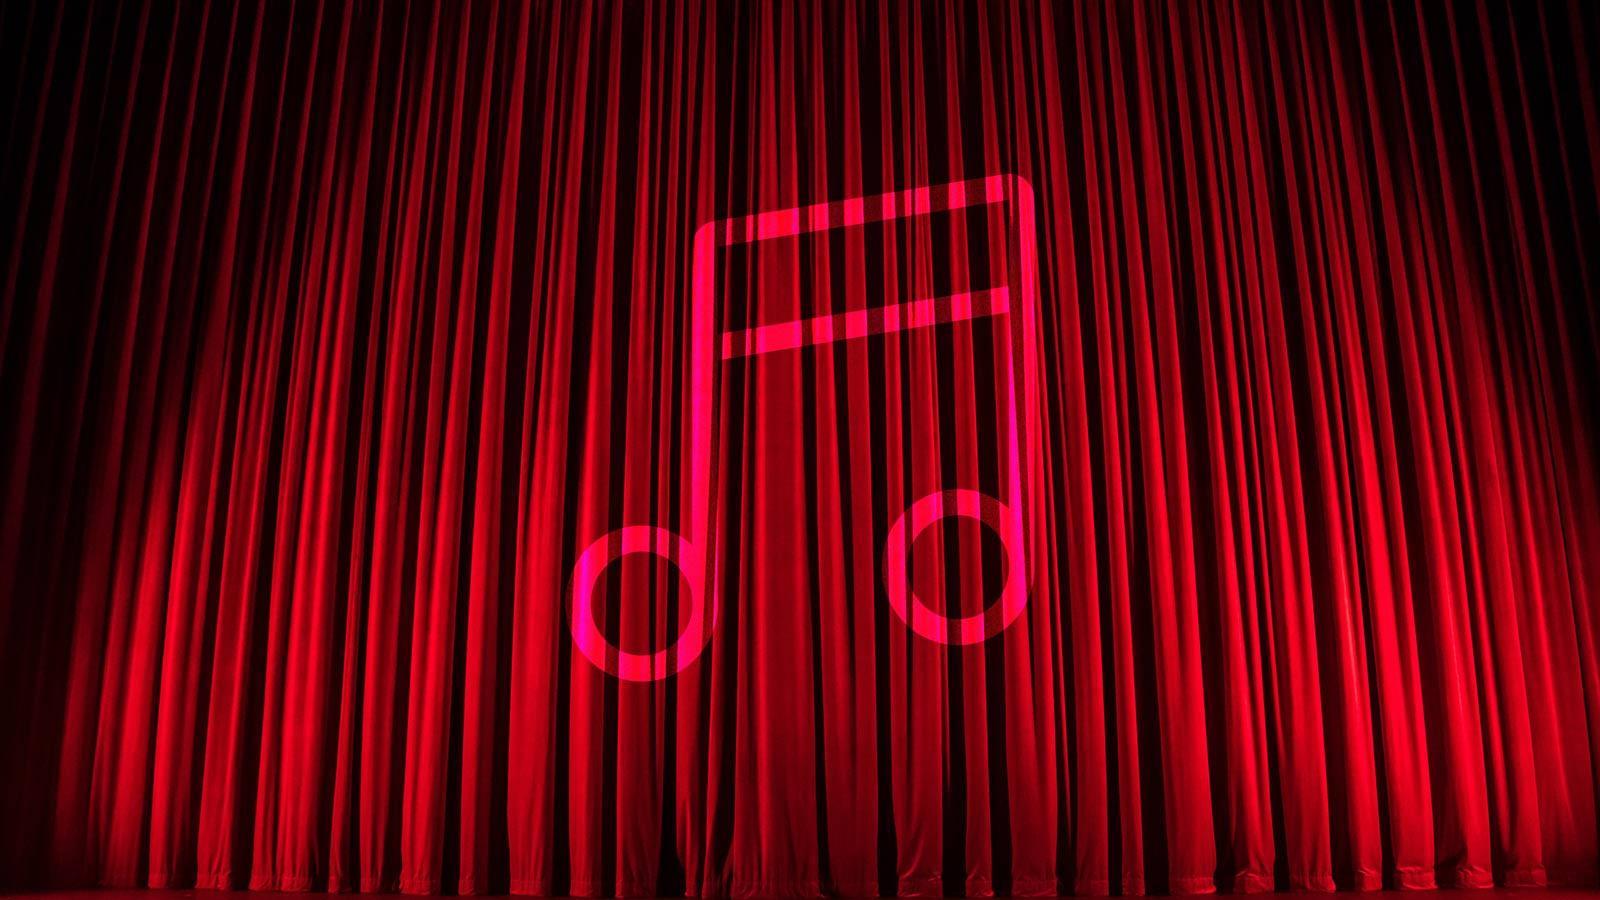 musikhoerspiele lead